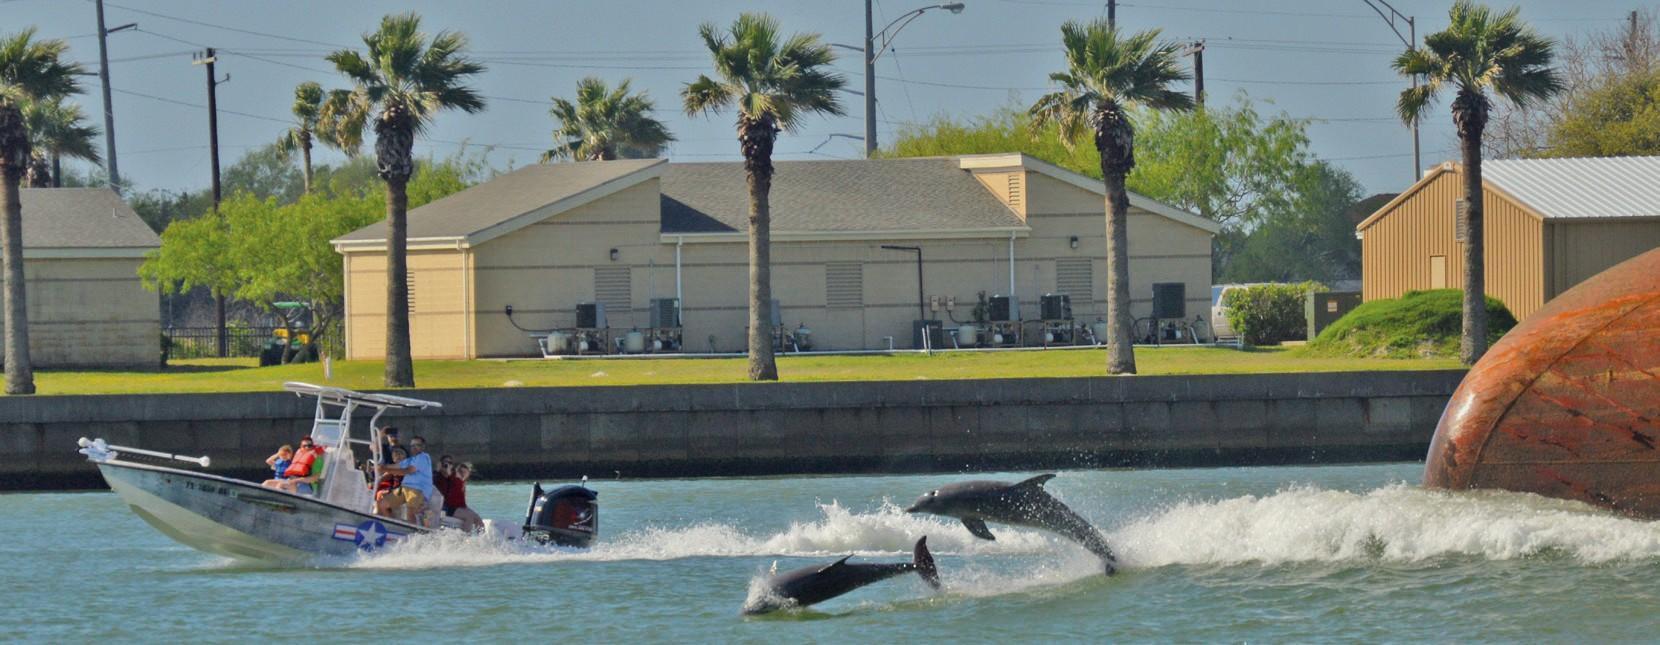 Dolphin Delight Port Aransas South Jetty